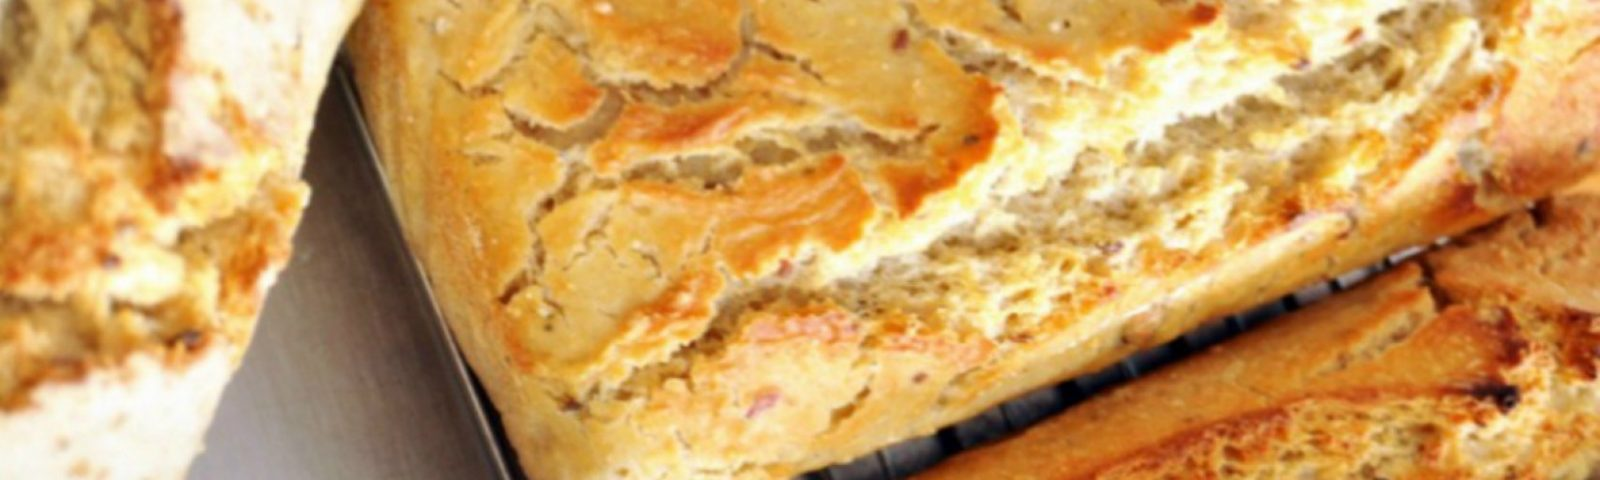 Pão biológico ganha loja própria - Pão Nosso